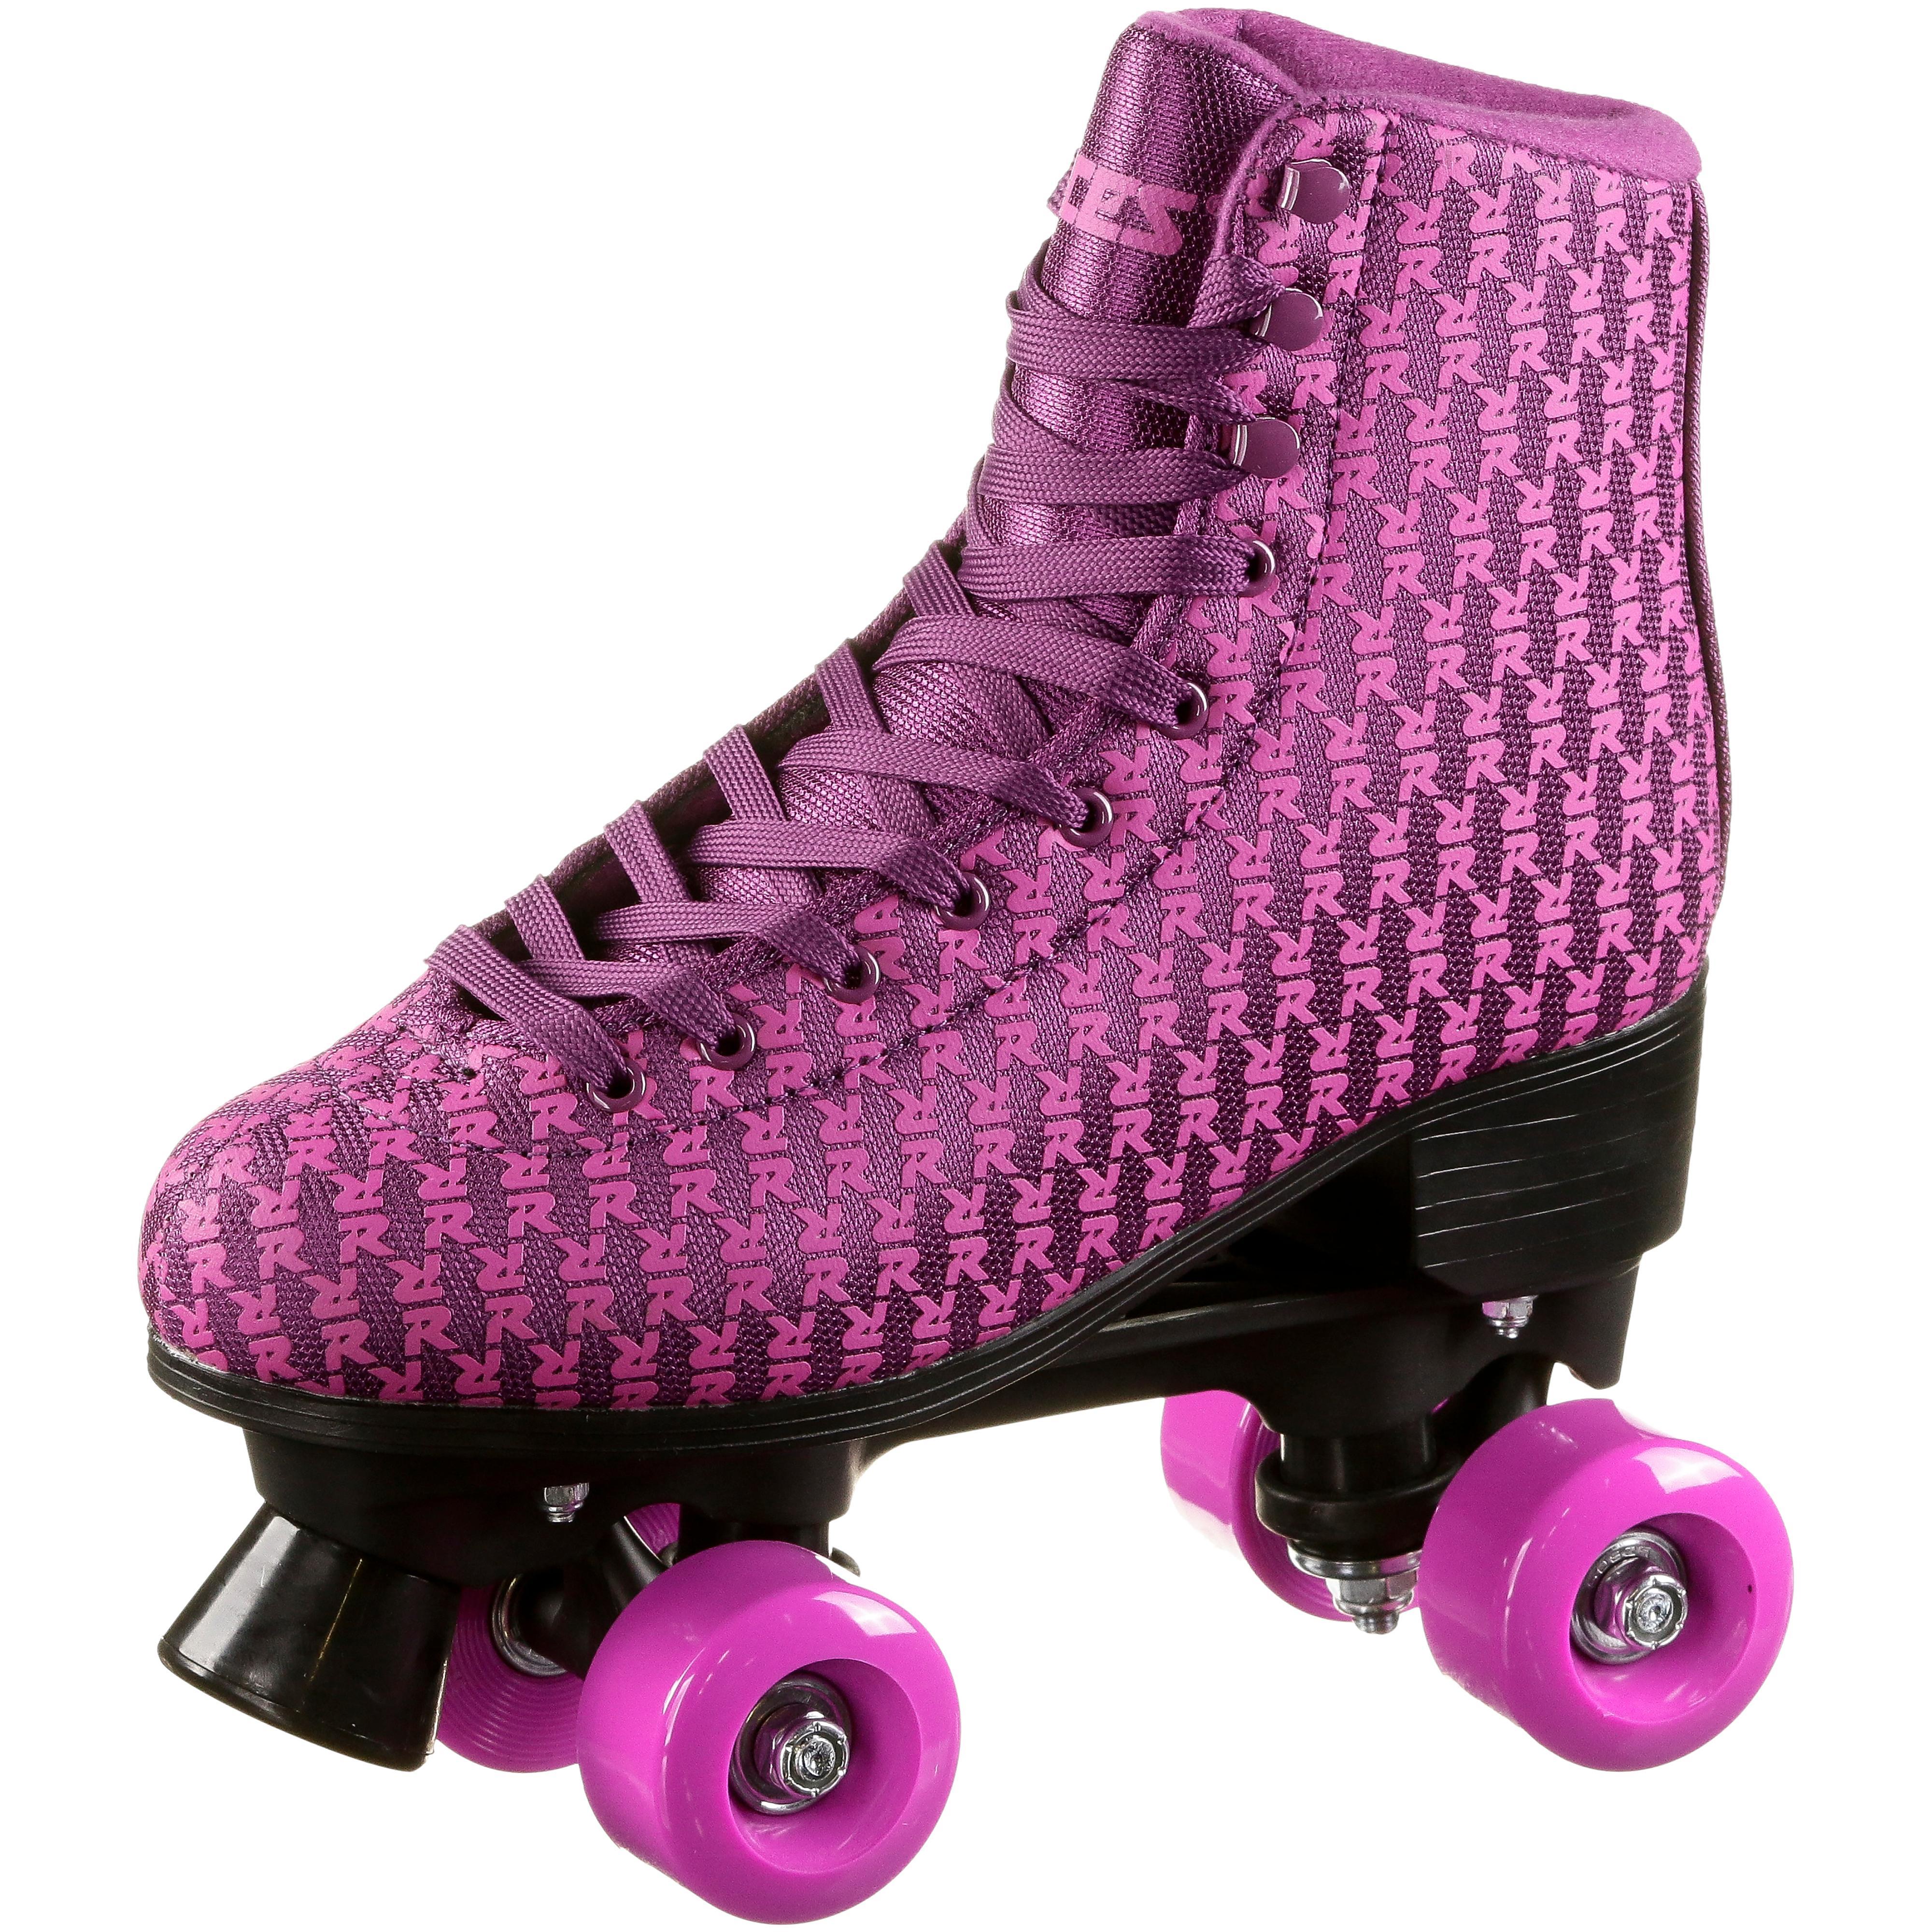 ROCES Mania Rollschuhe Damen lila im Online Shop von SportScheck kaufen Gute Qualität beliebte Schuhe